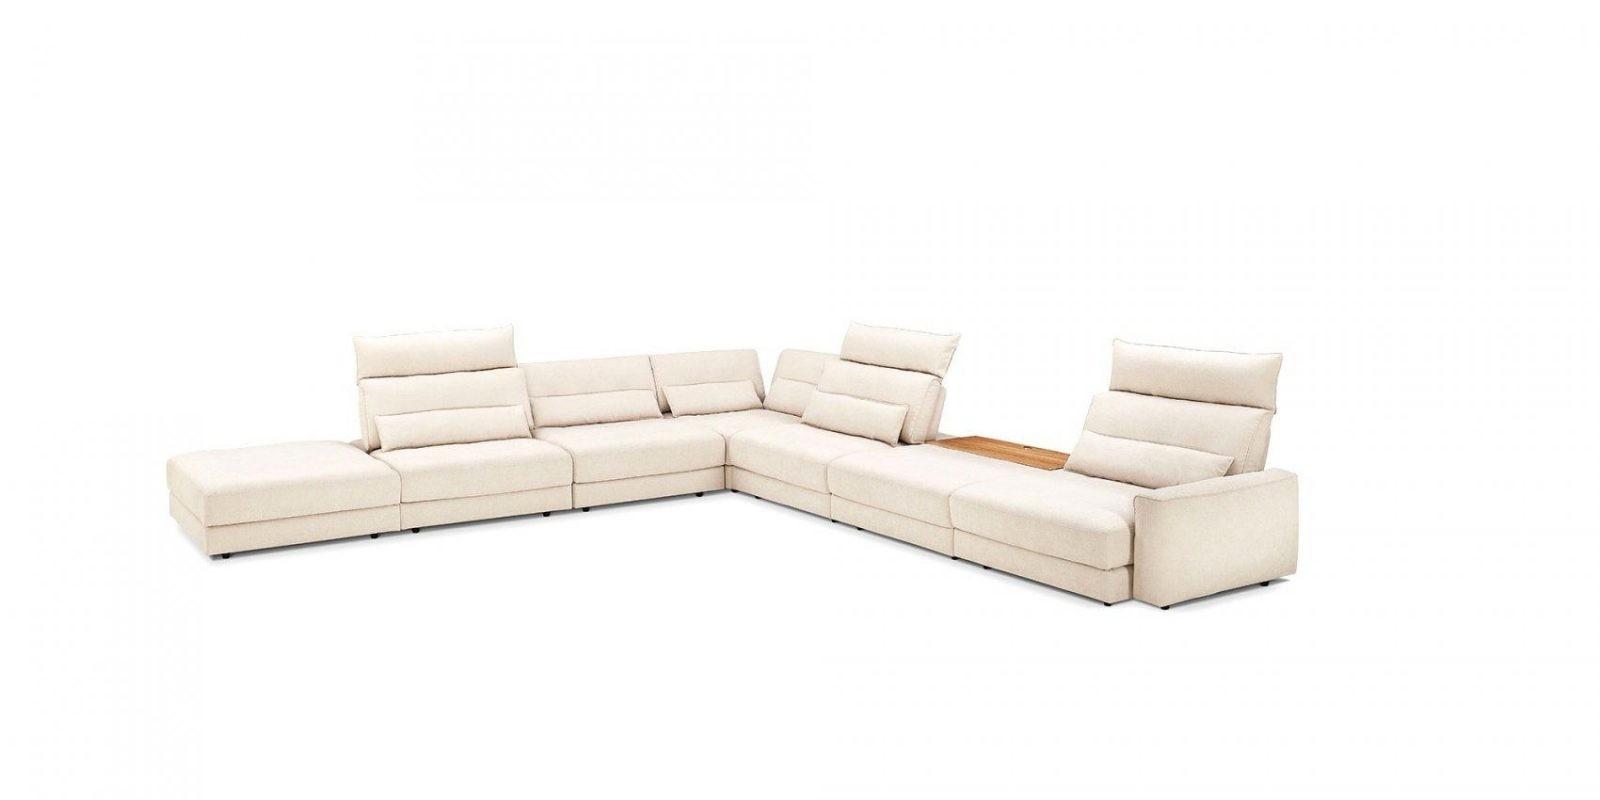 3 Sitzer Sofa Poco 3 Sitzer Sofa Kunstleder Elegant Bvidaxl Sitzer von Sofa Mit Schlaffunktion Poco Photo